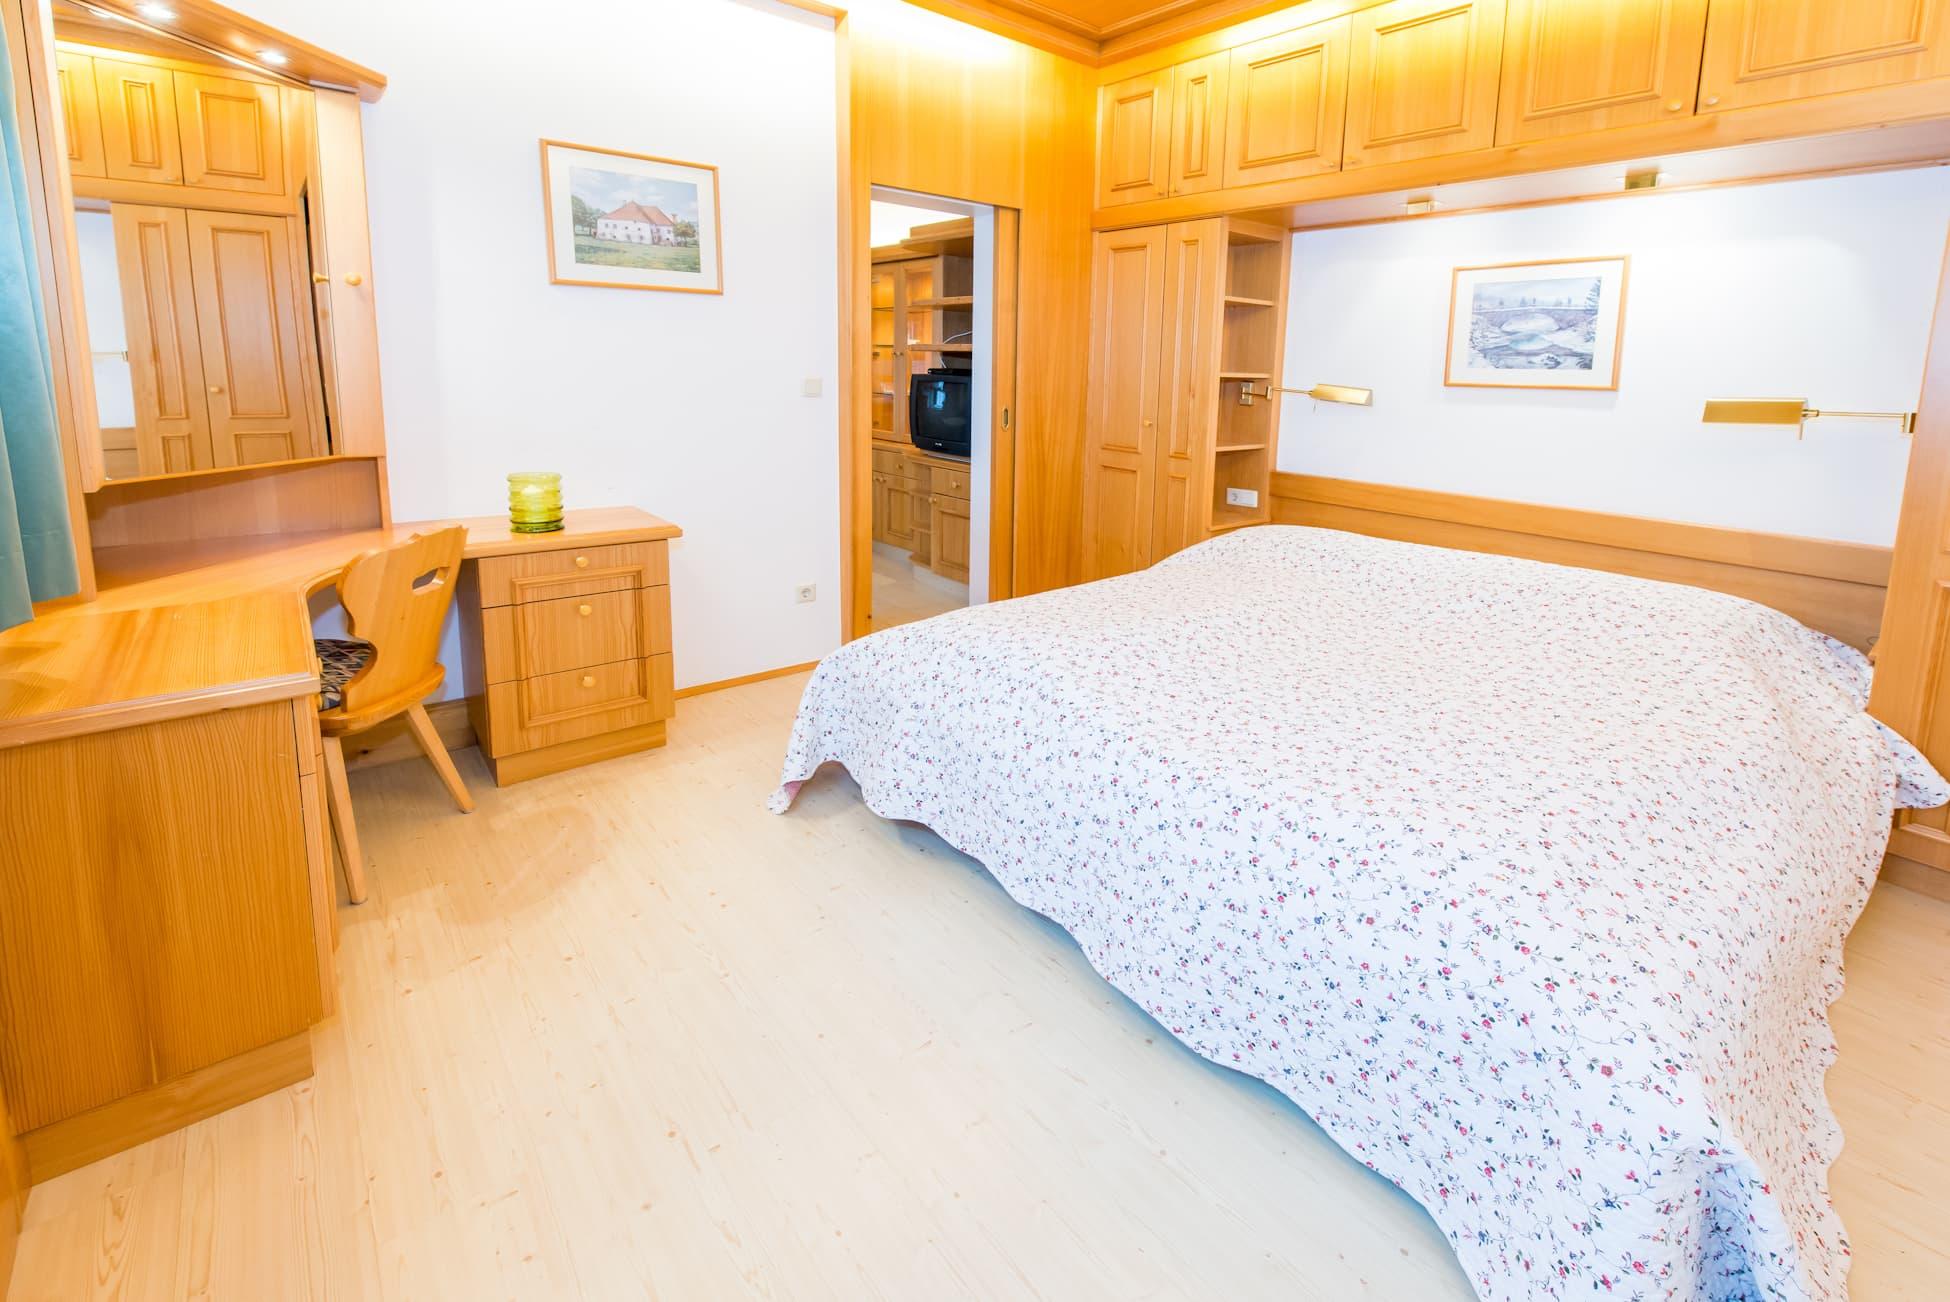 Schlafzimmer der Wohnung 2 in Ybbsitz